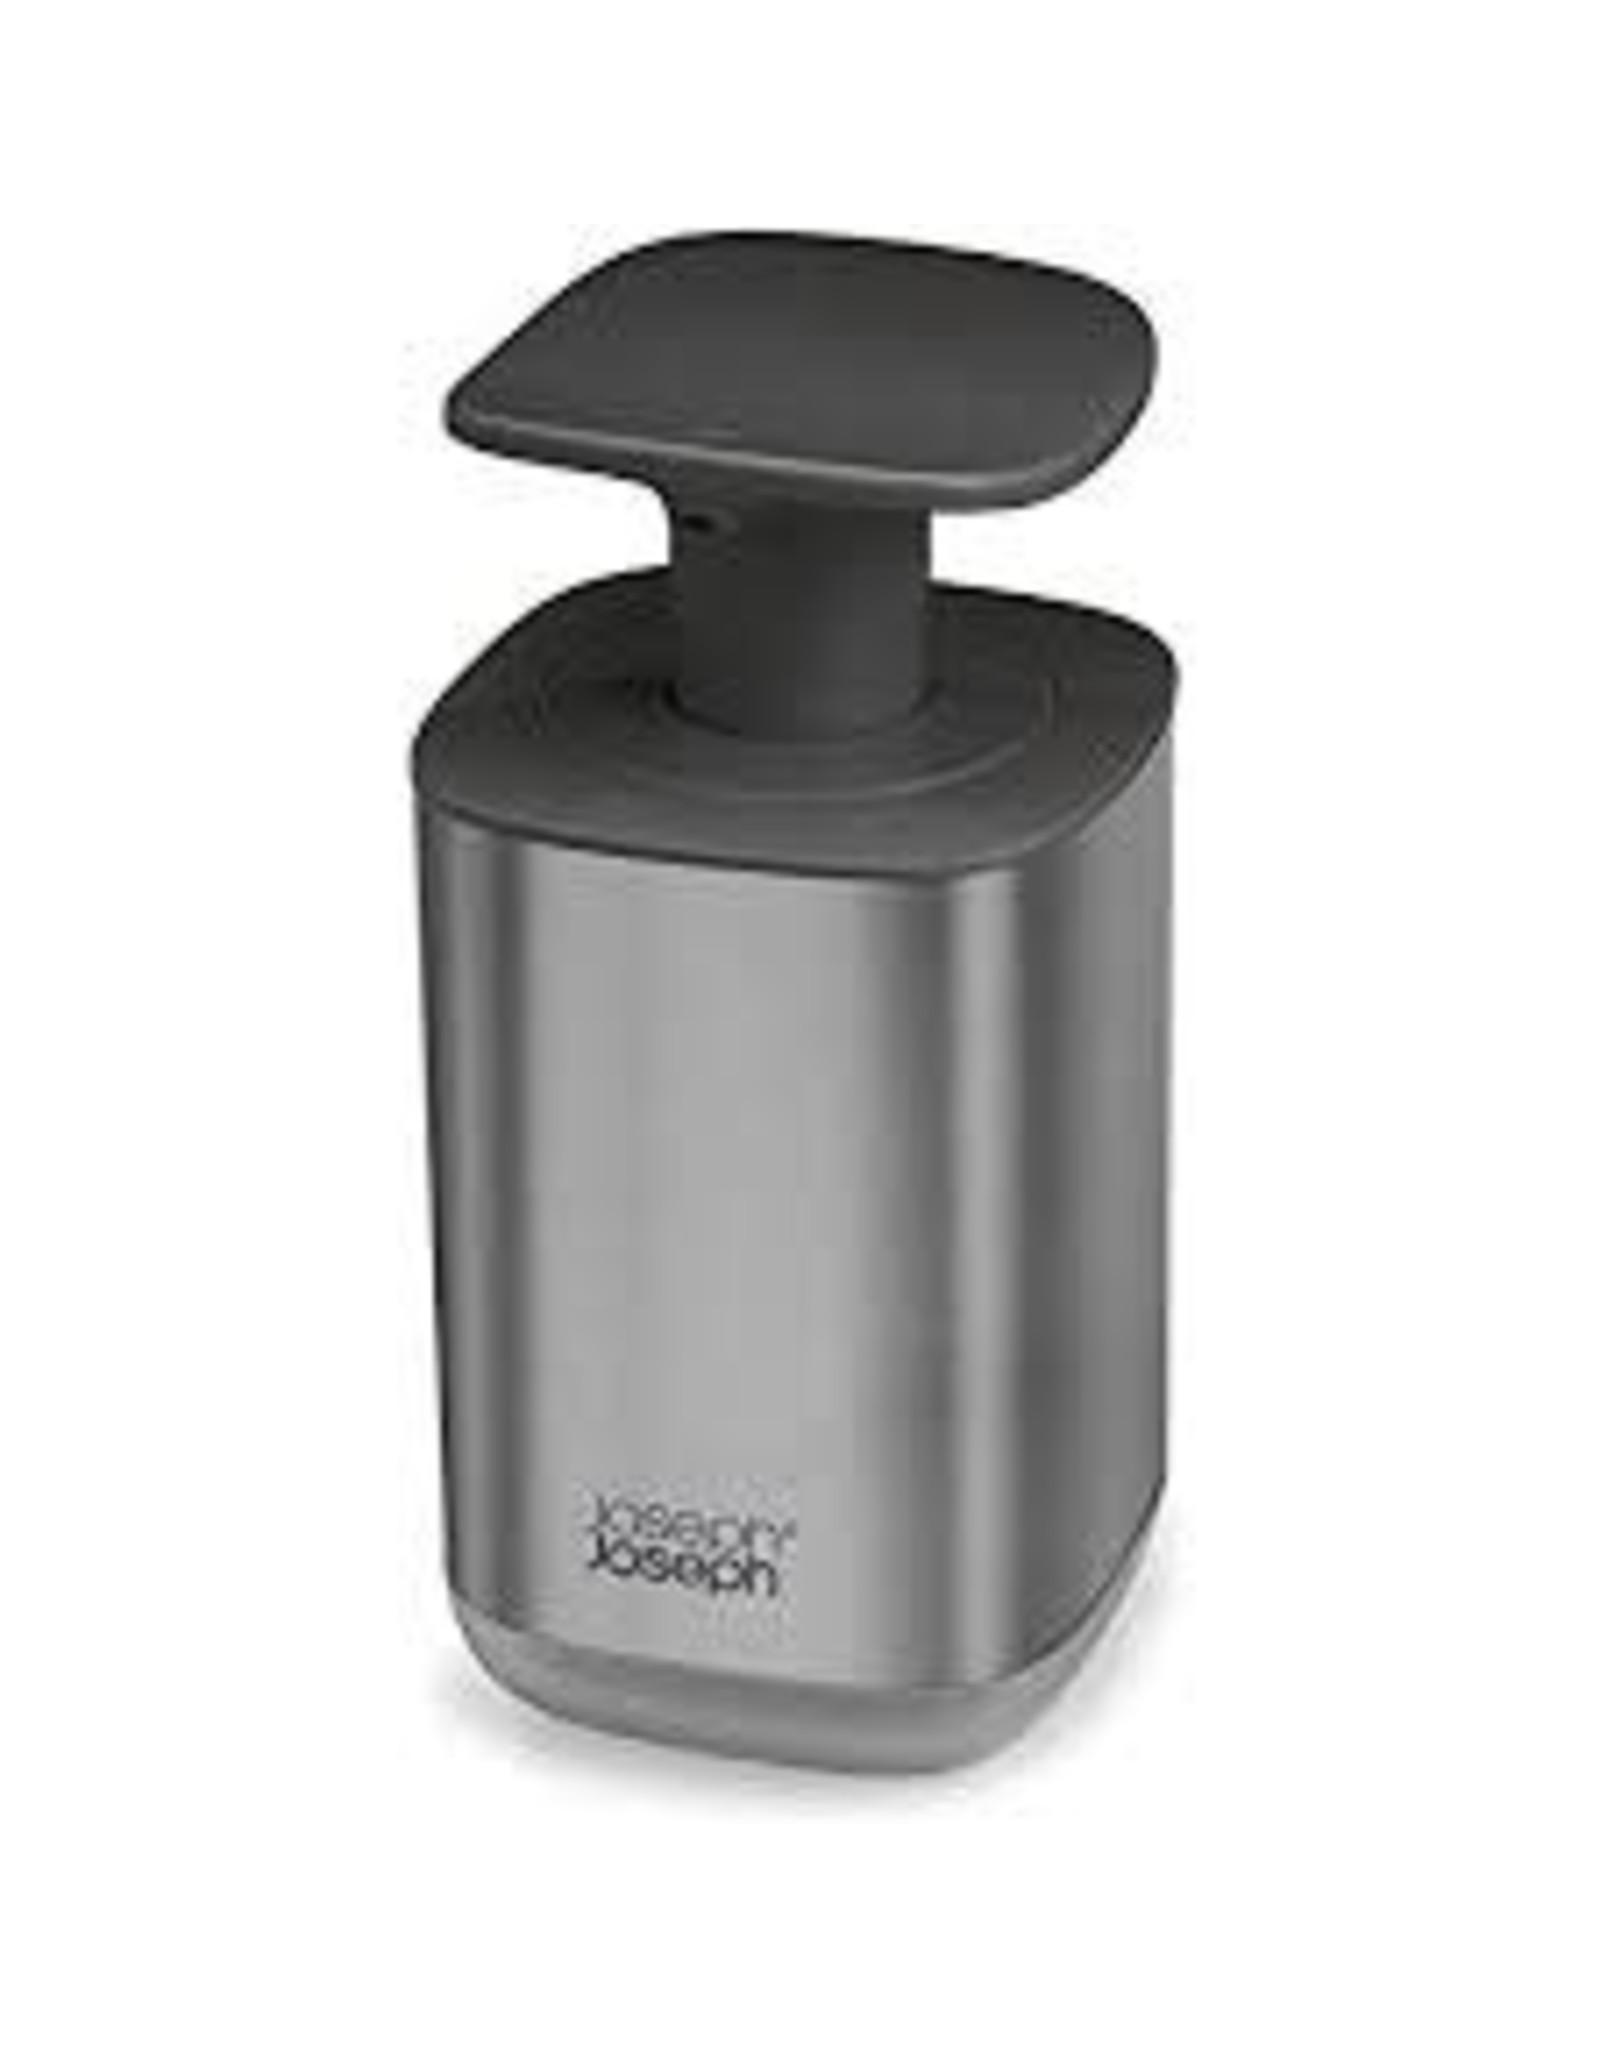 Joseph & Joseph J&J Presto Soap Dispenser-Grey